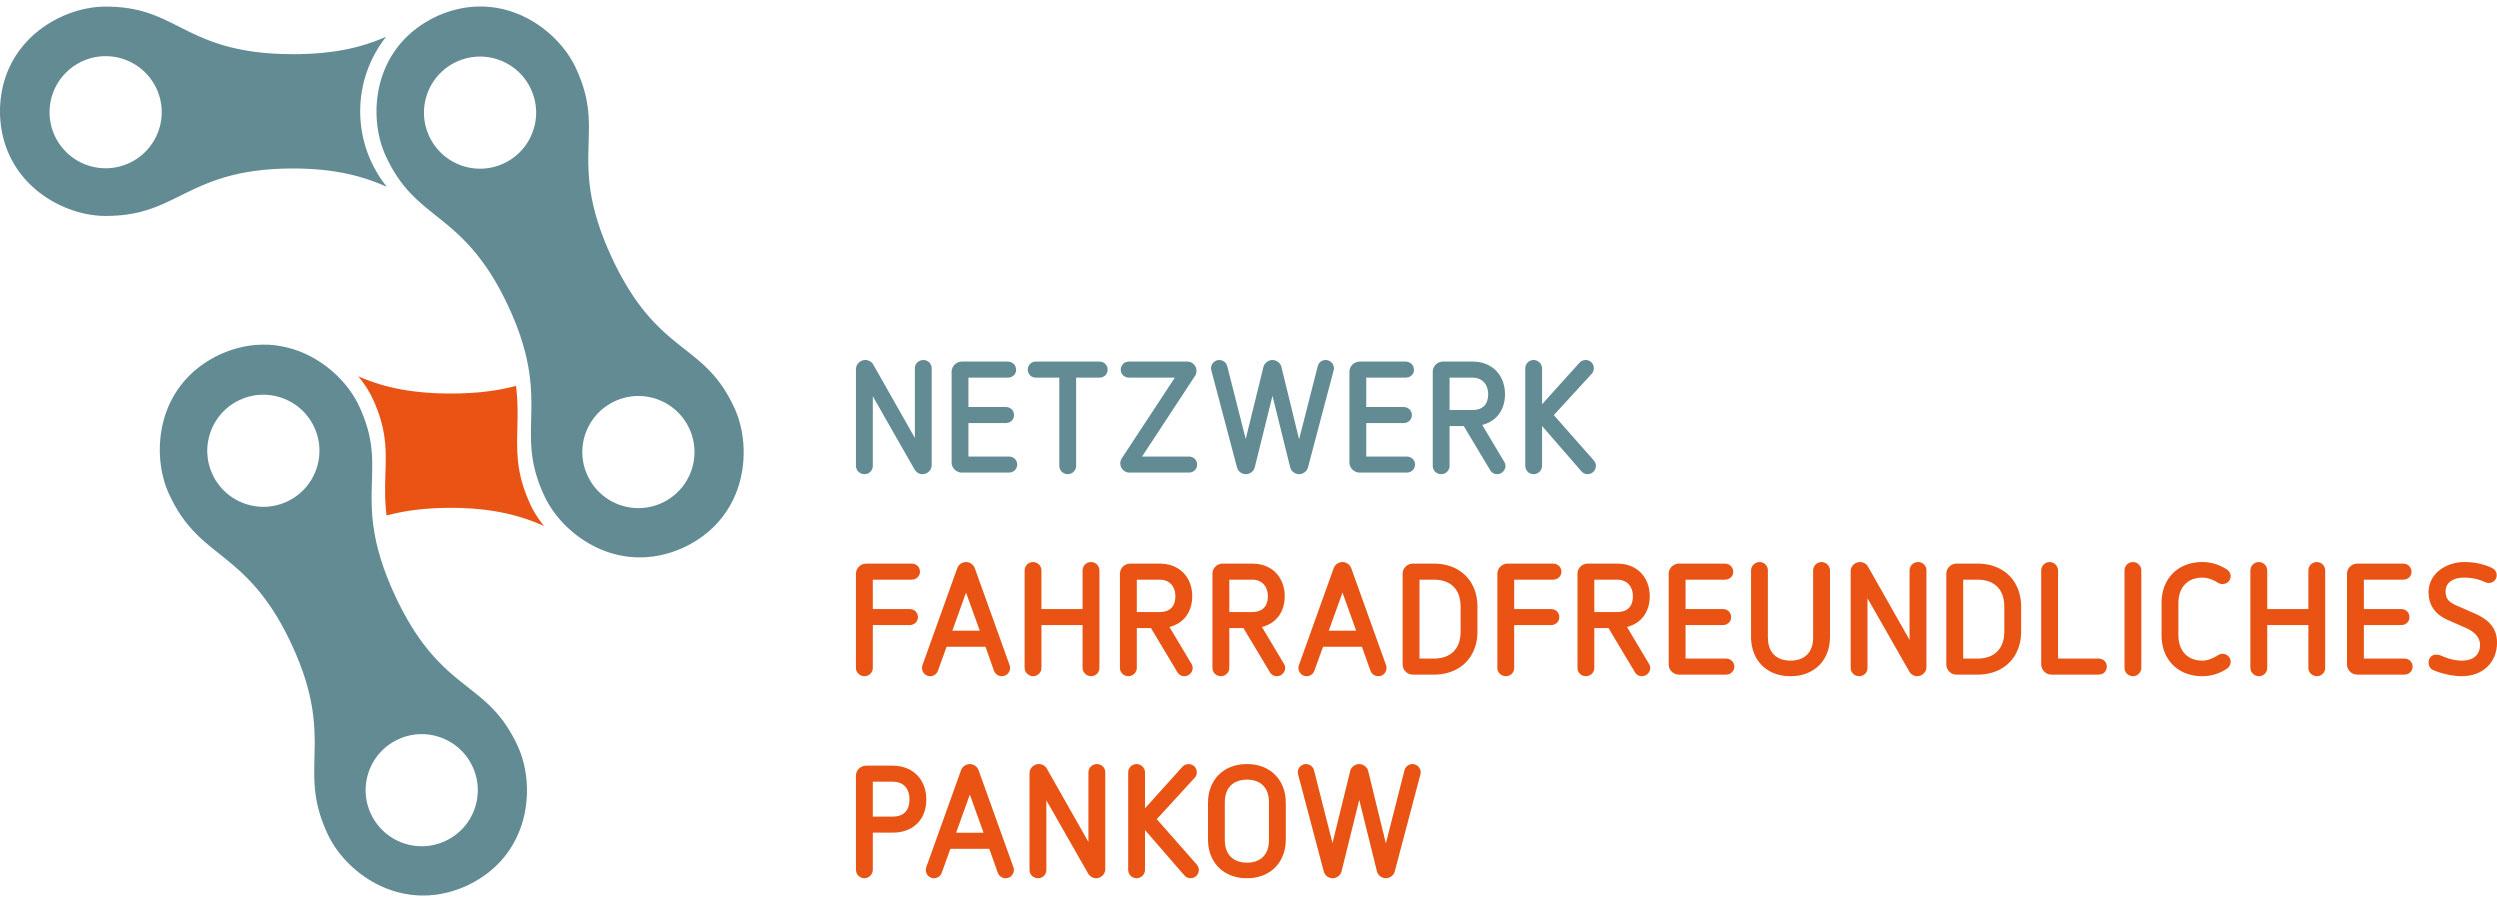 Netzwerk Fahrradfreundliches Pankow